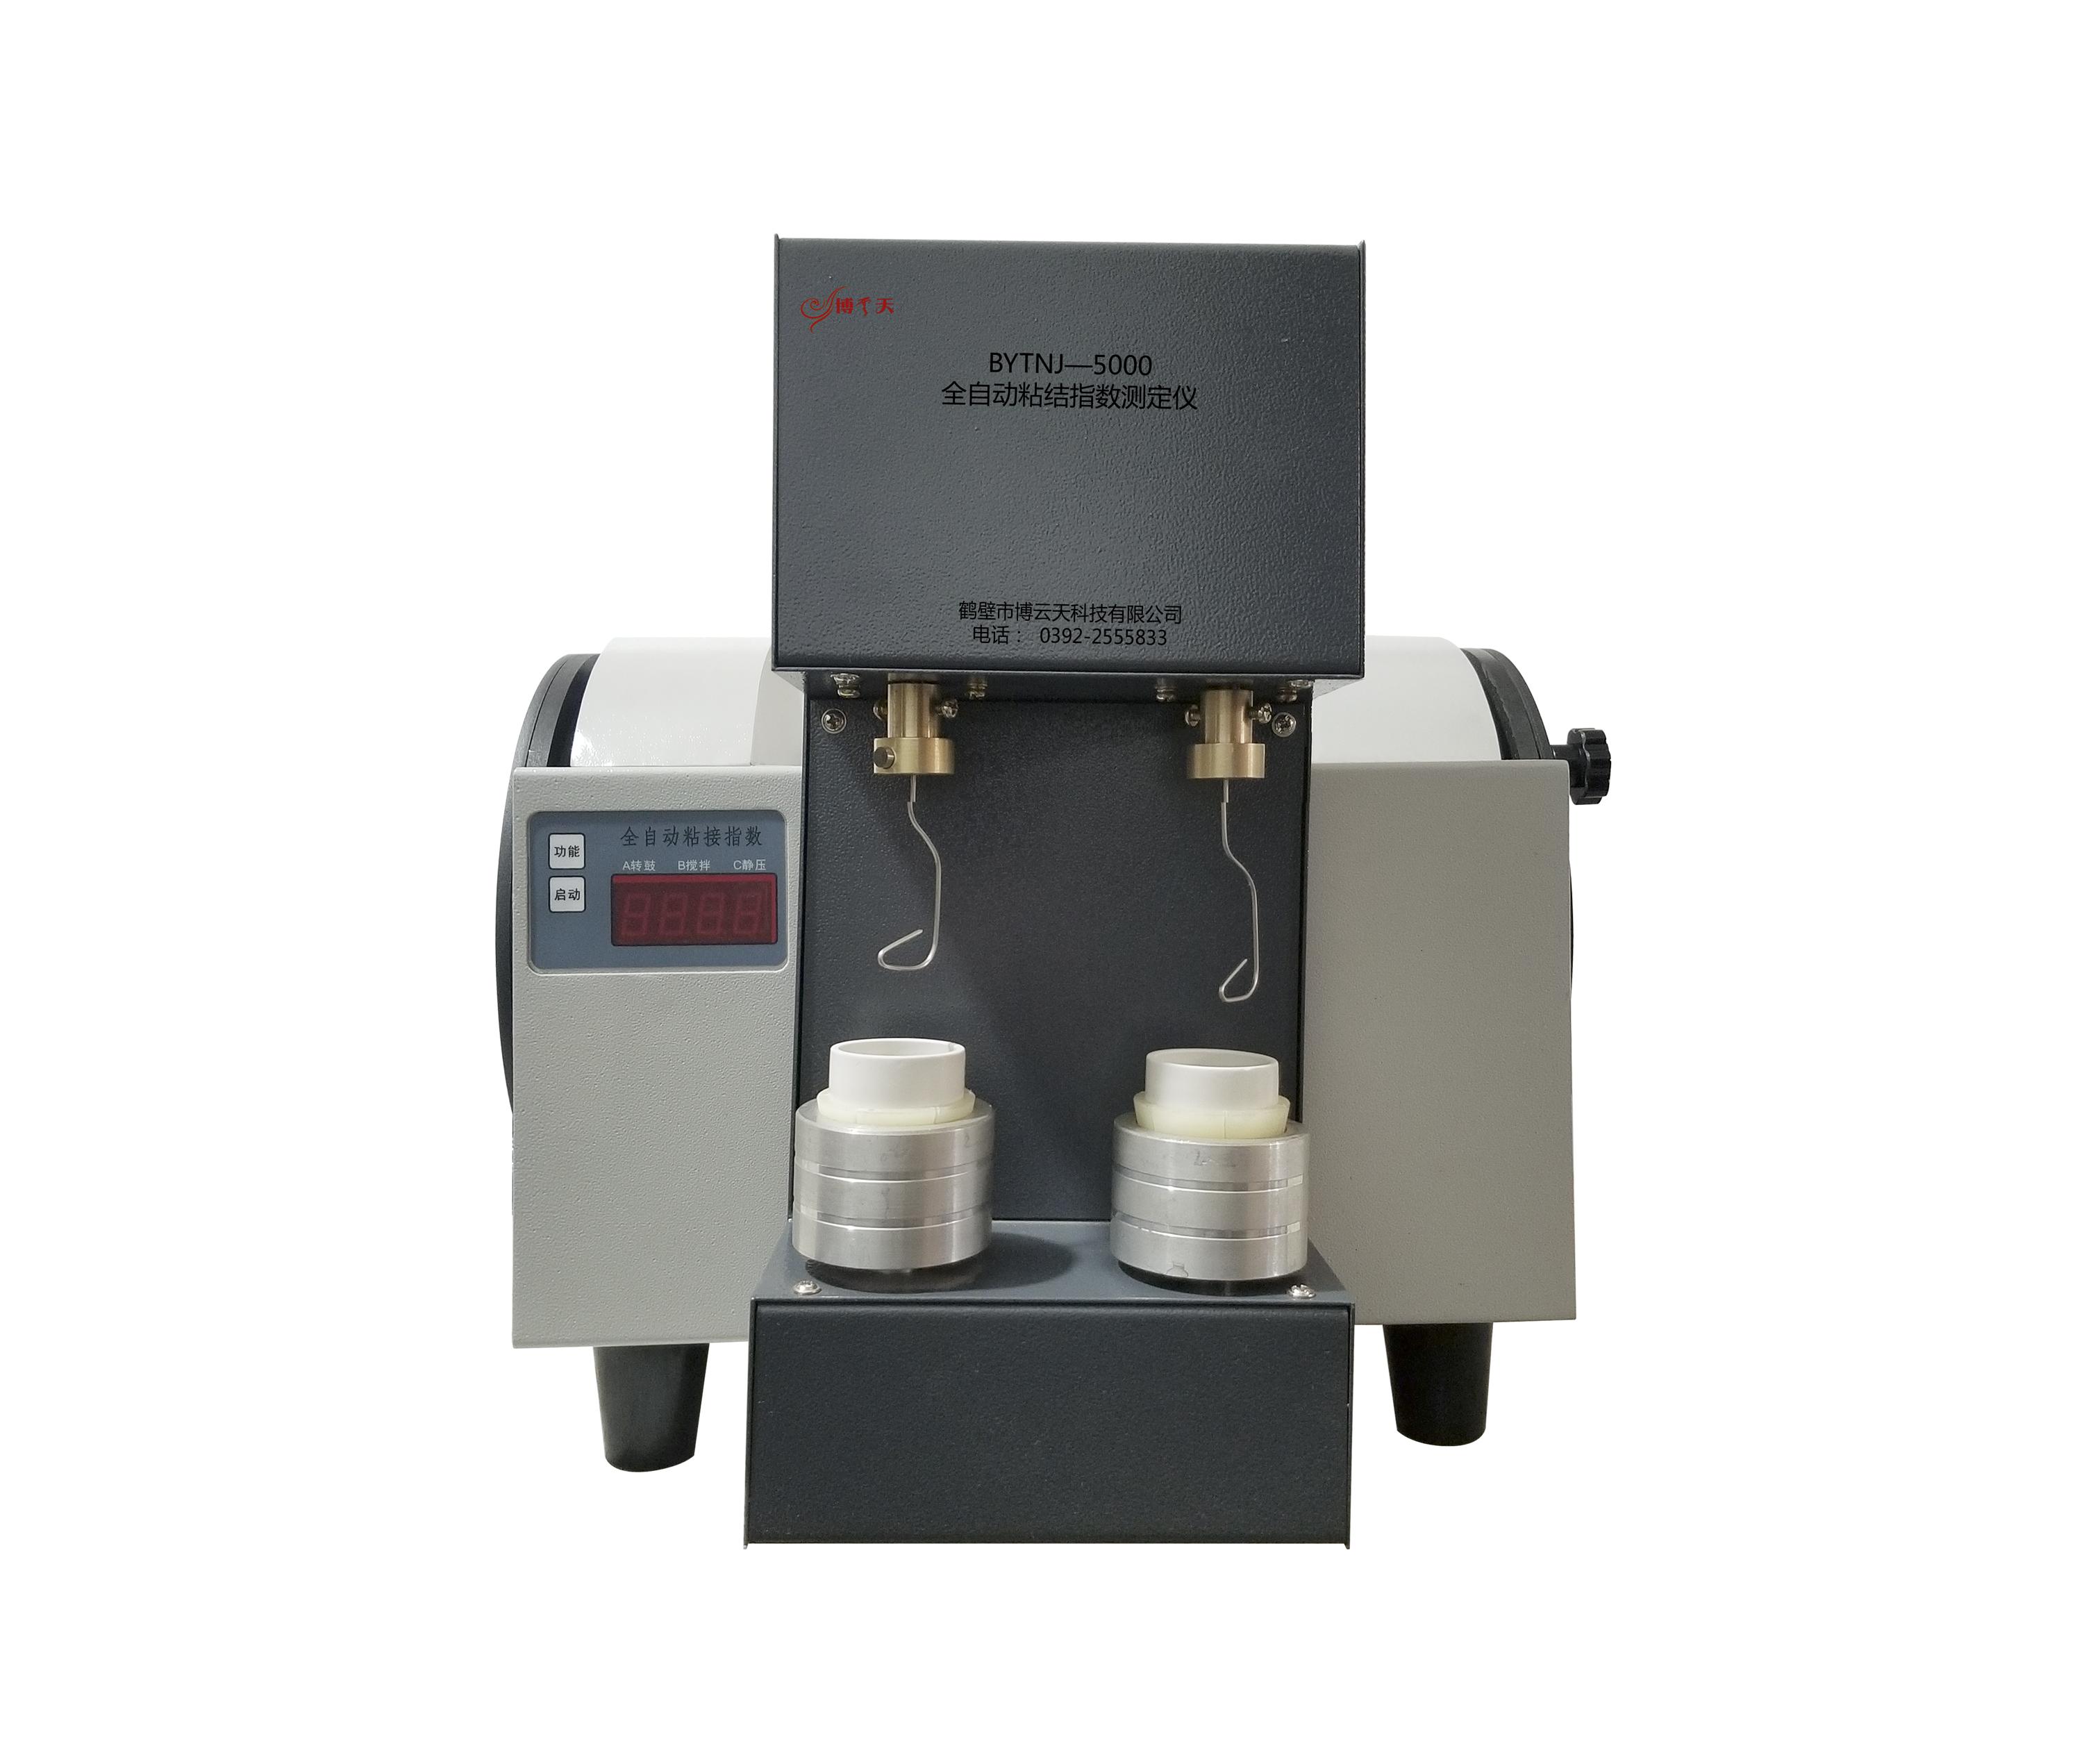 转鼓、静压、搅拌一体仪/BYTNJ-5000全自动粘结指数测定仪/煤炭化验设备